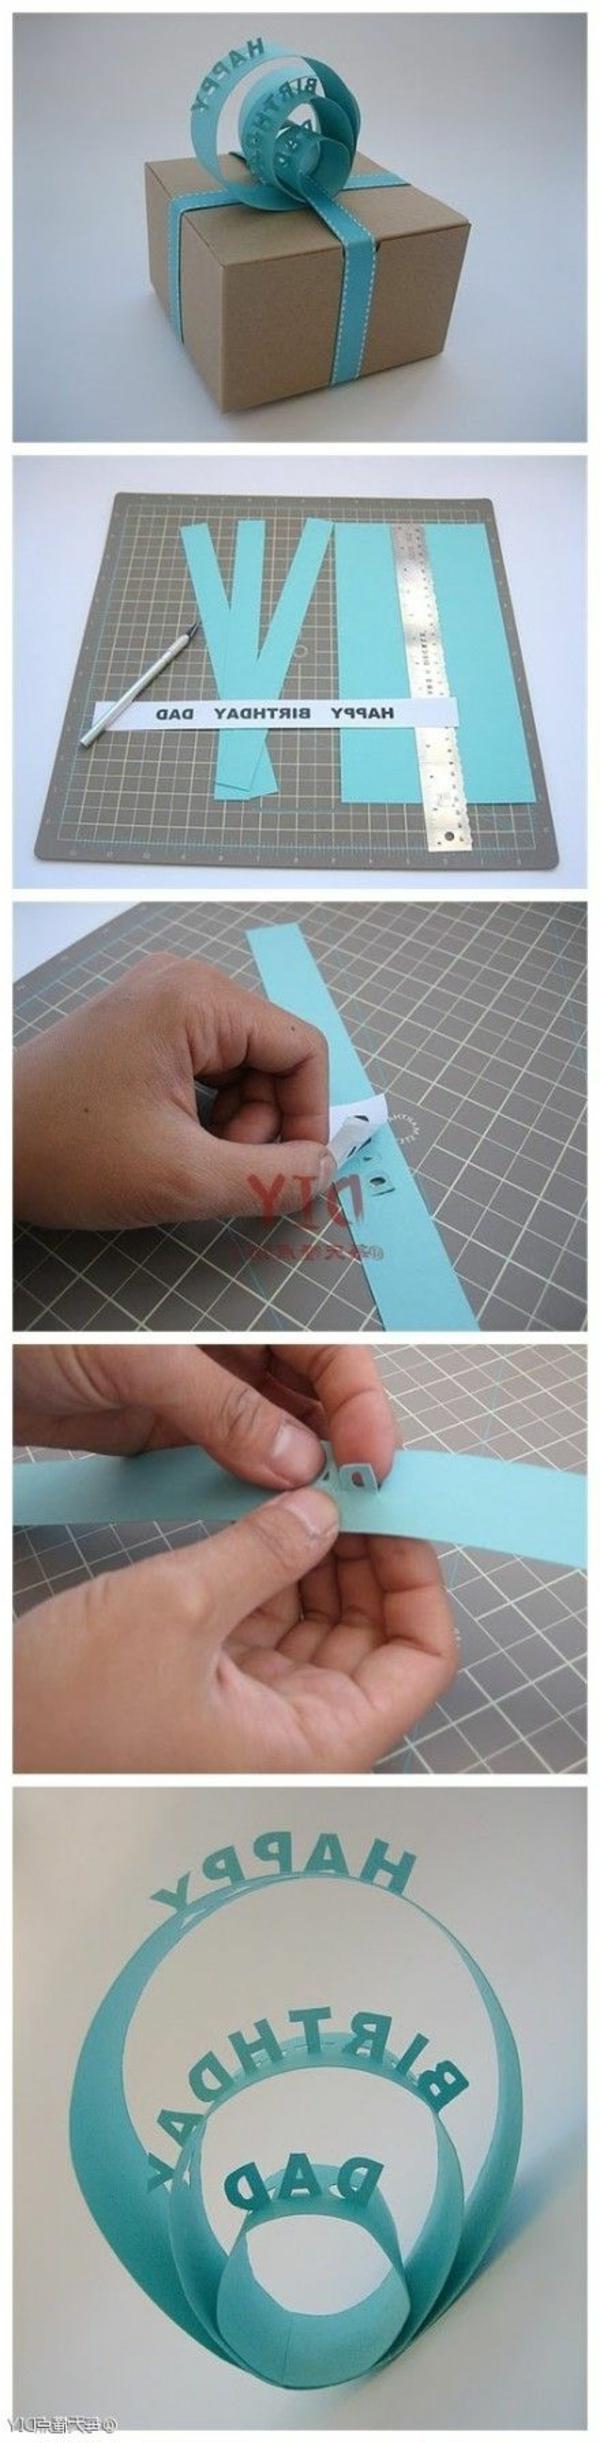 emballer-des-cadeaux-en-papier-original-joyeuse-anniversaire-diy